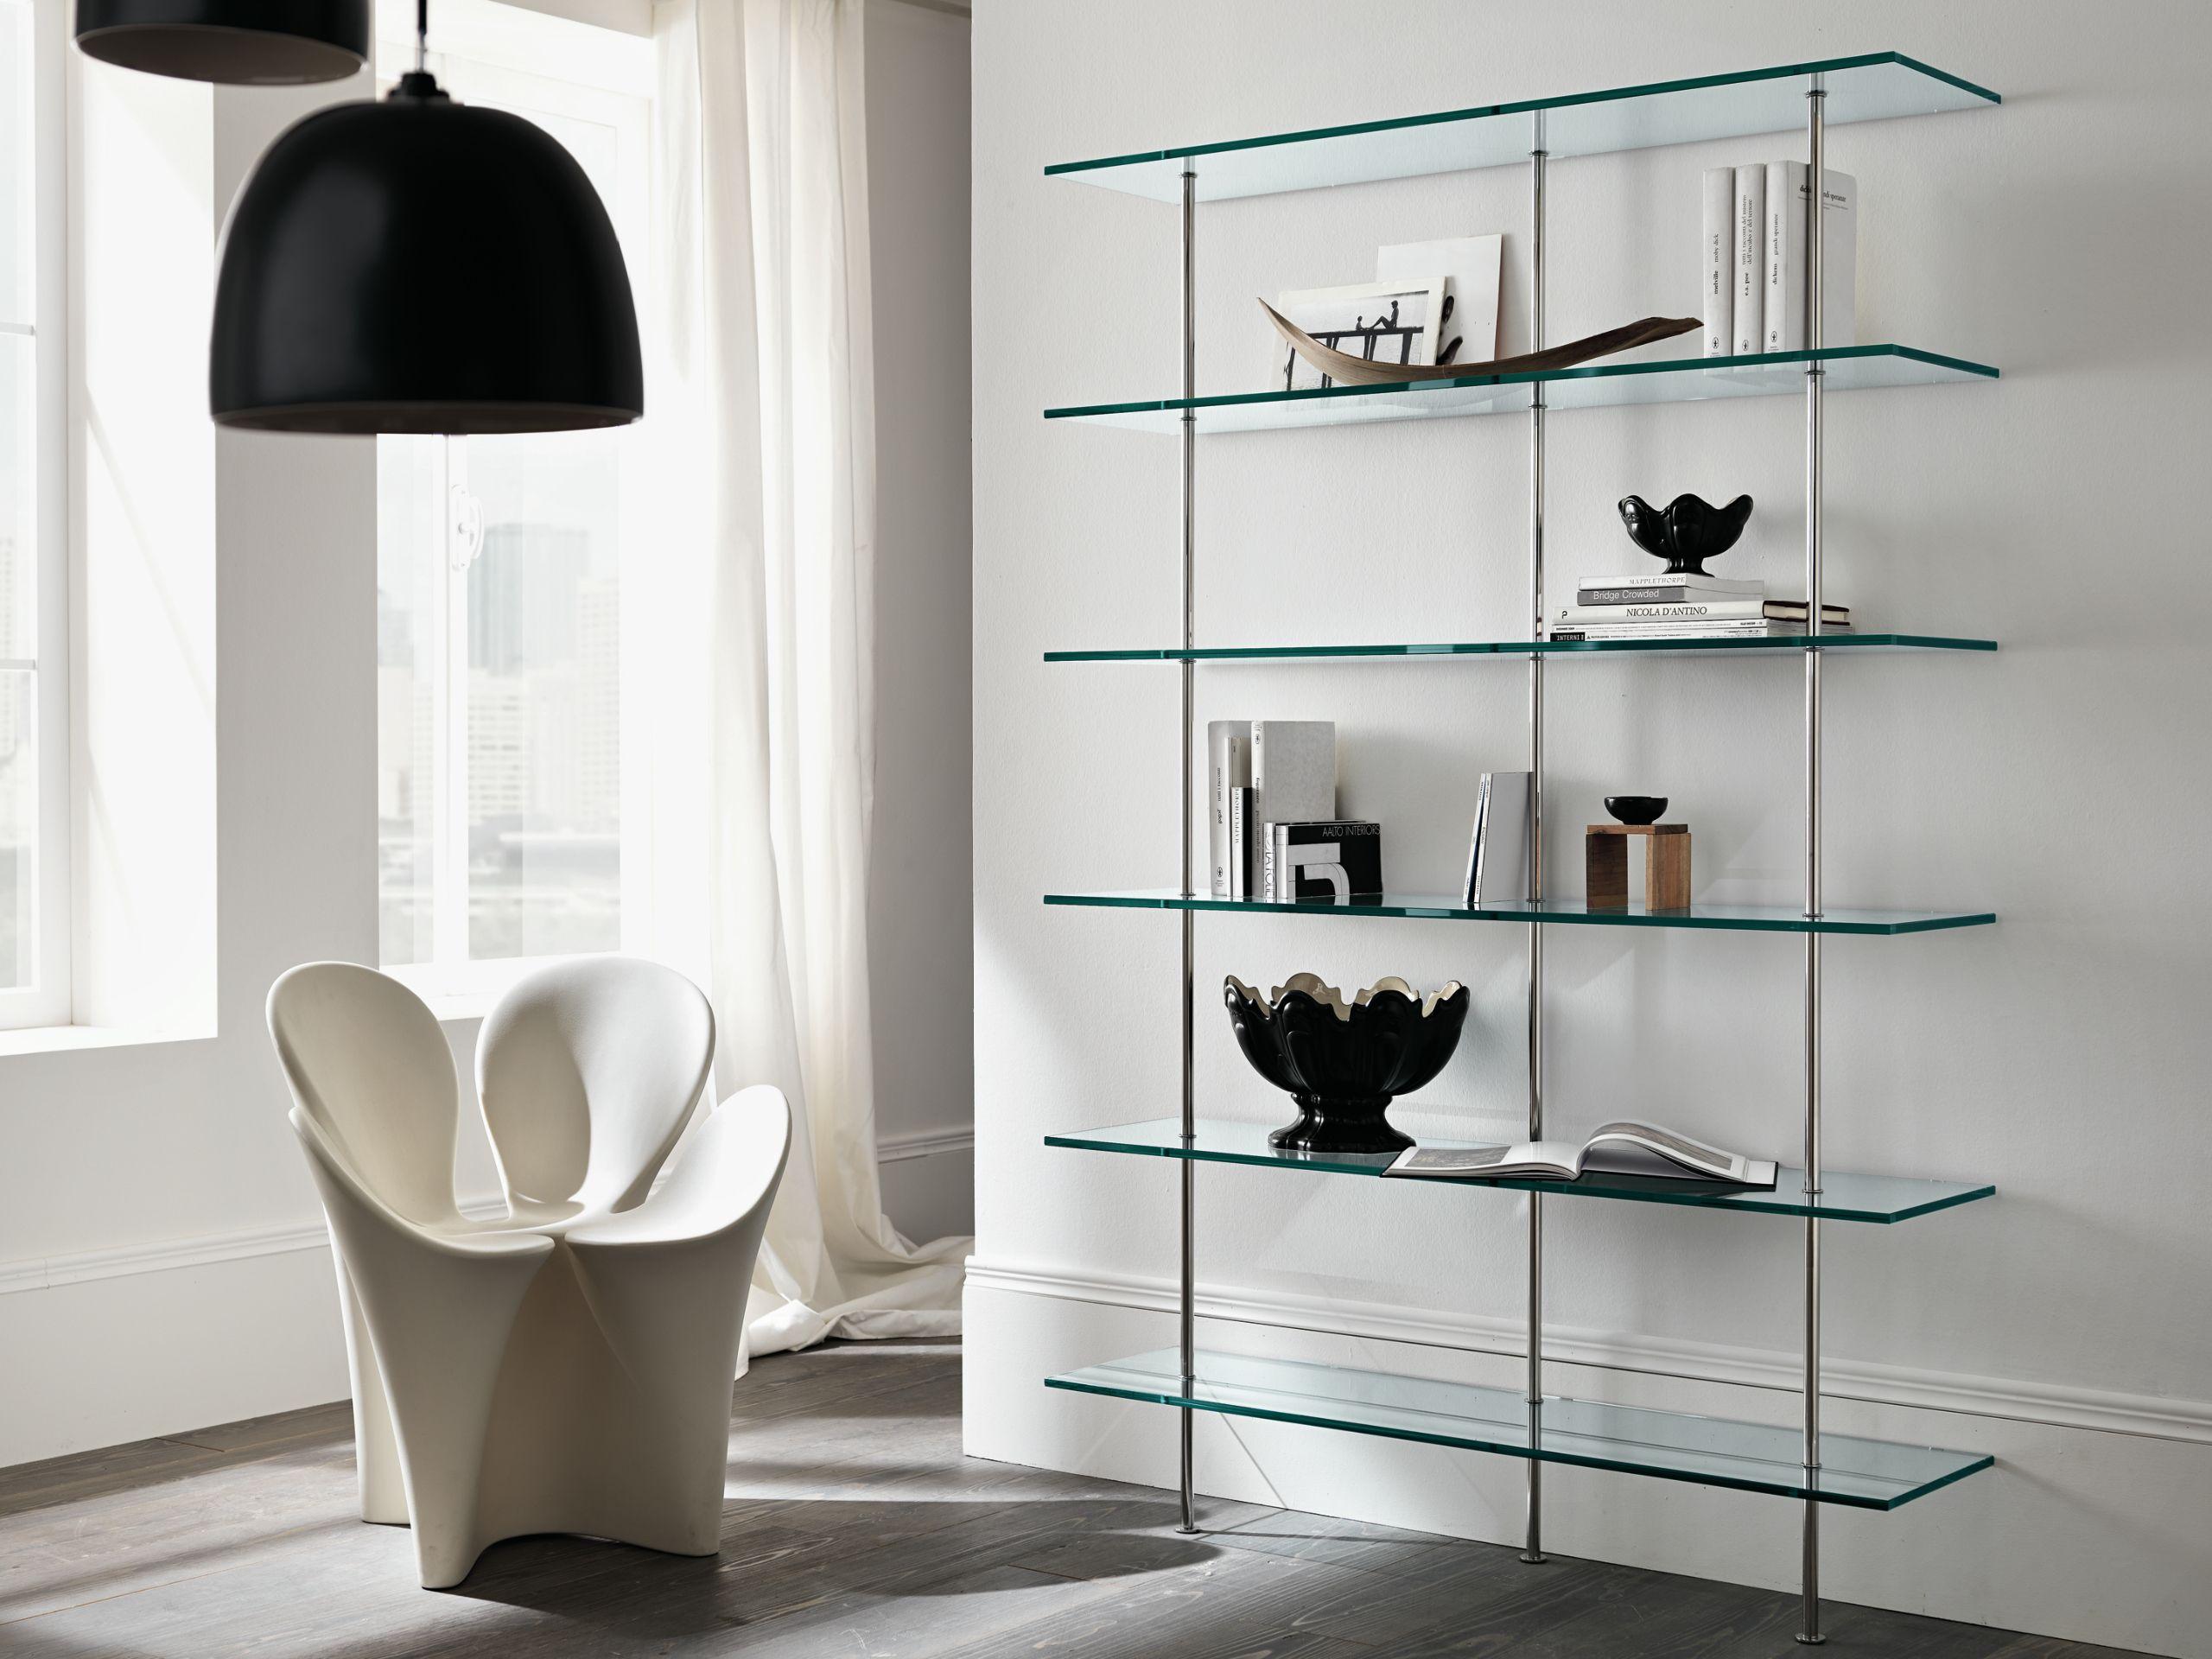 Libreria componibile in vetro trasparenza by t d tonelli for Libreria acciaio e vetro